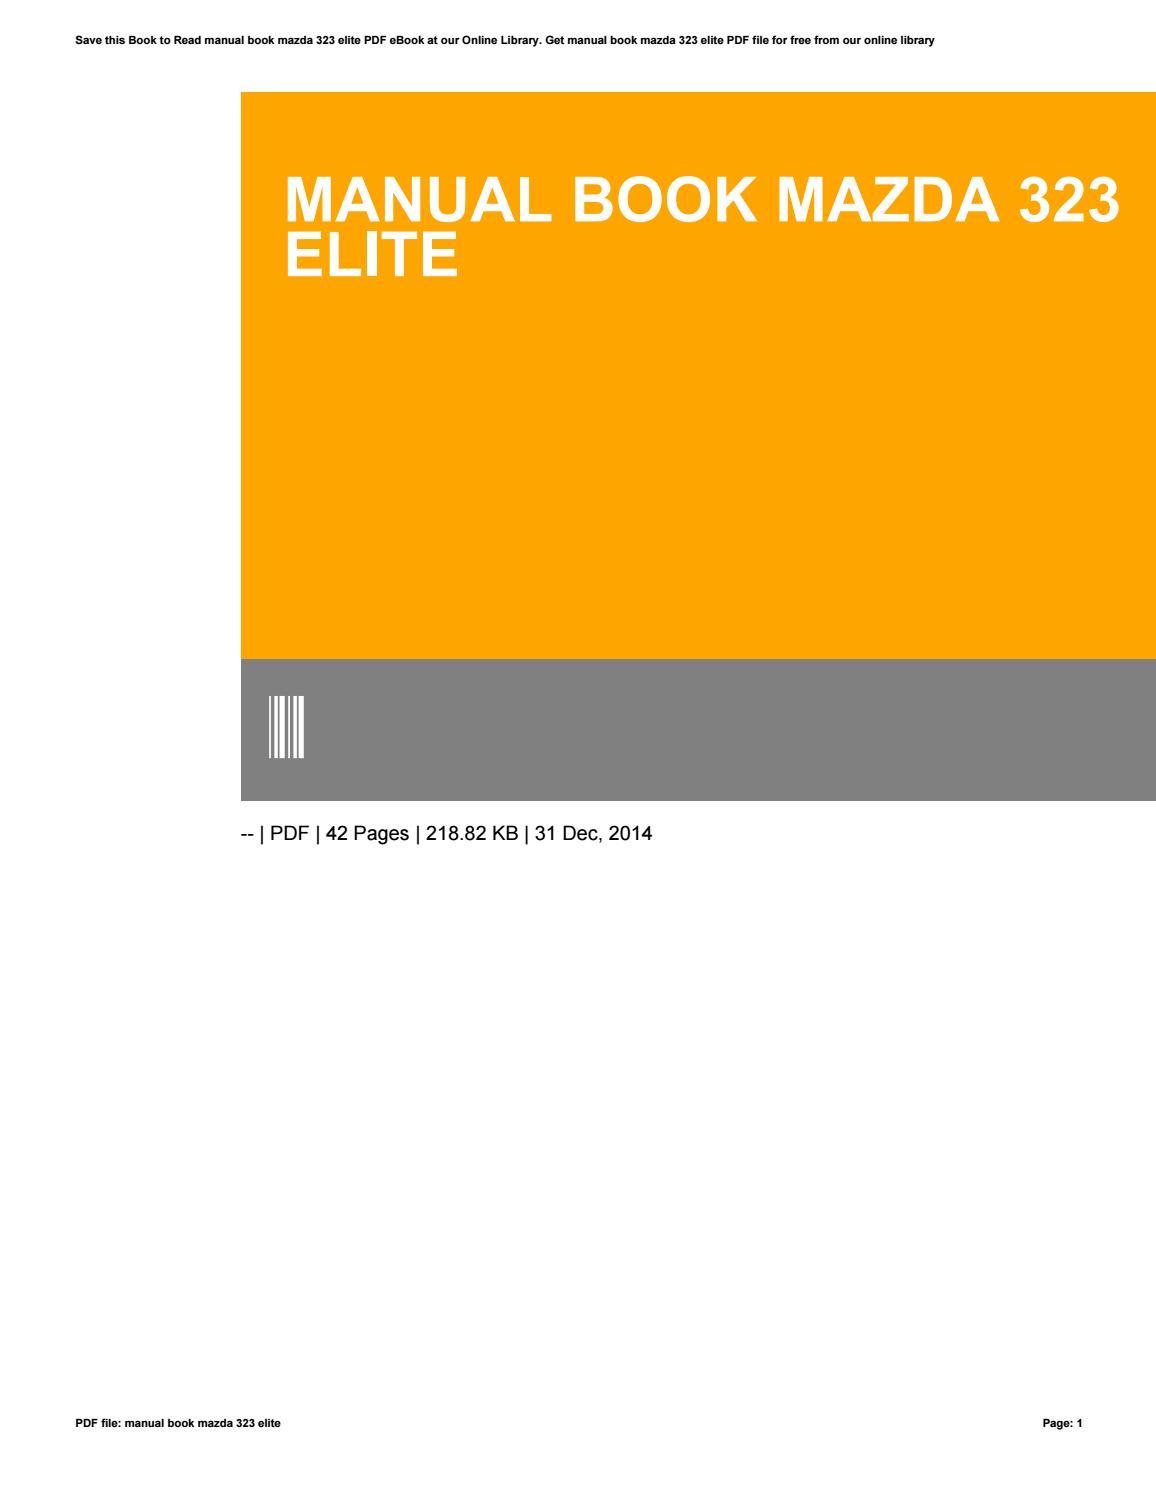 user manual for mazda 323 ebook